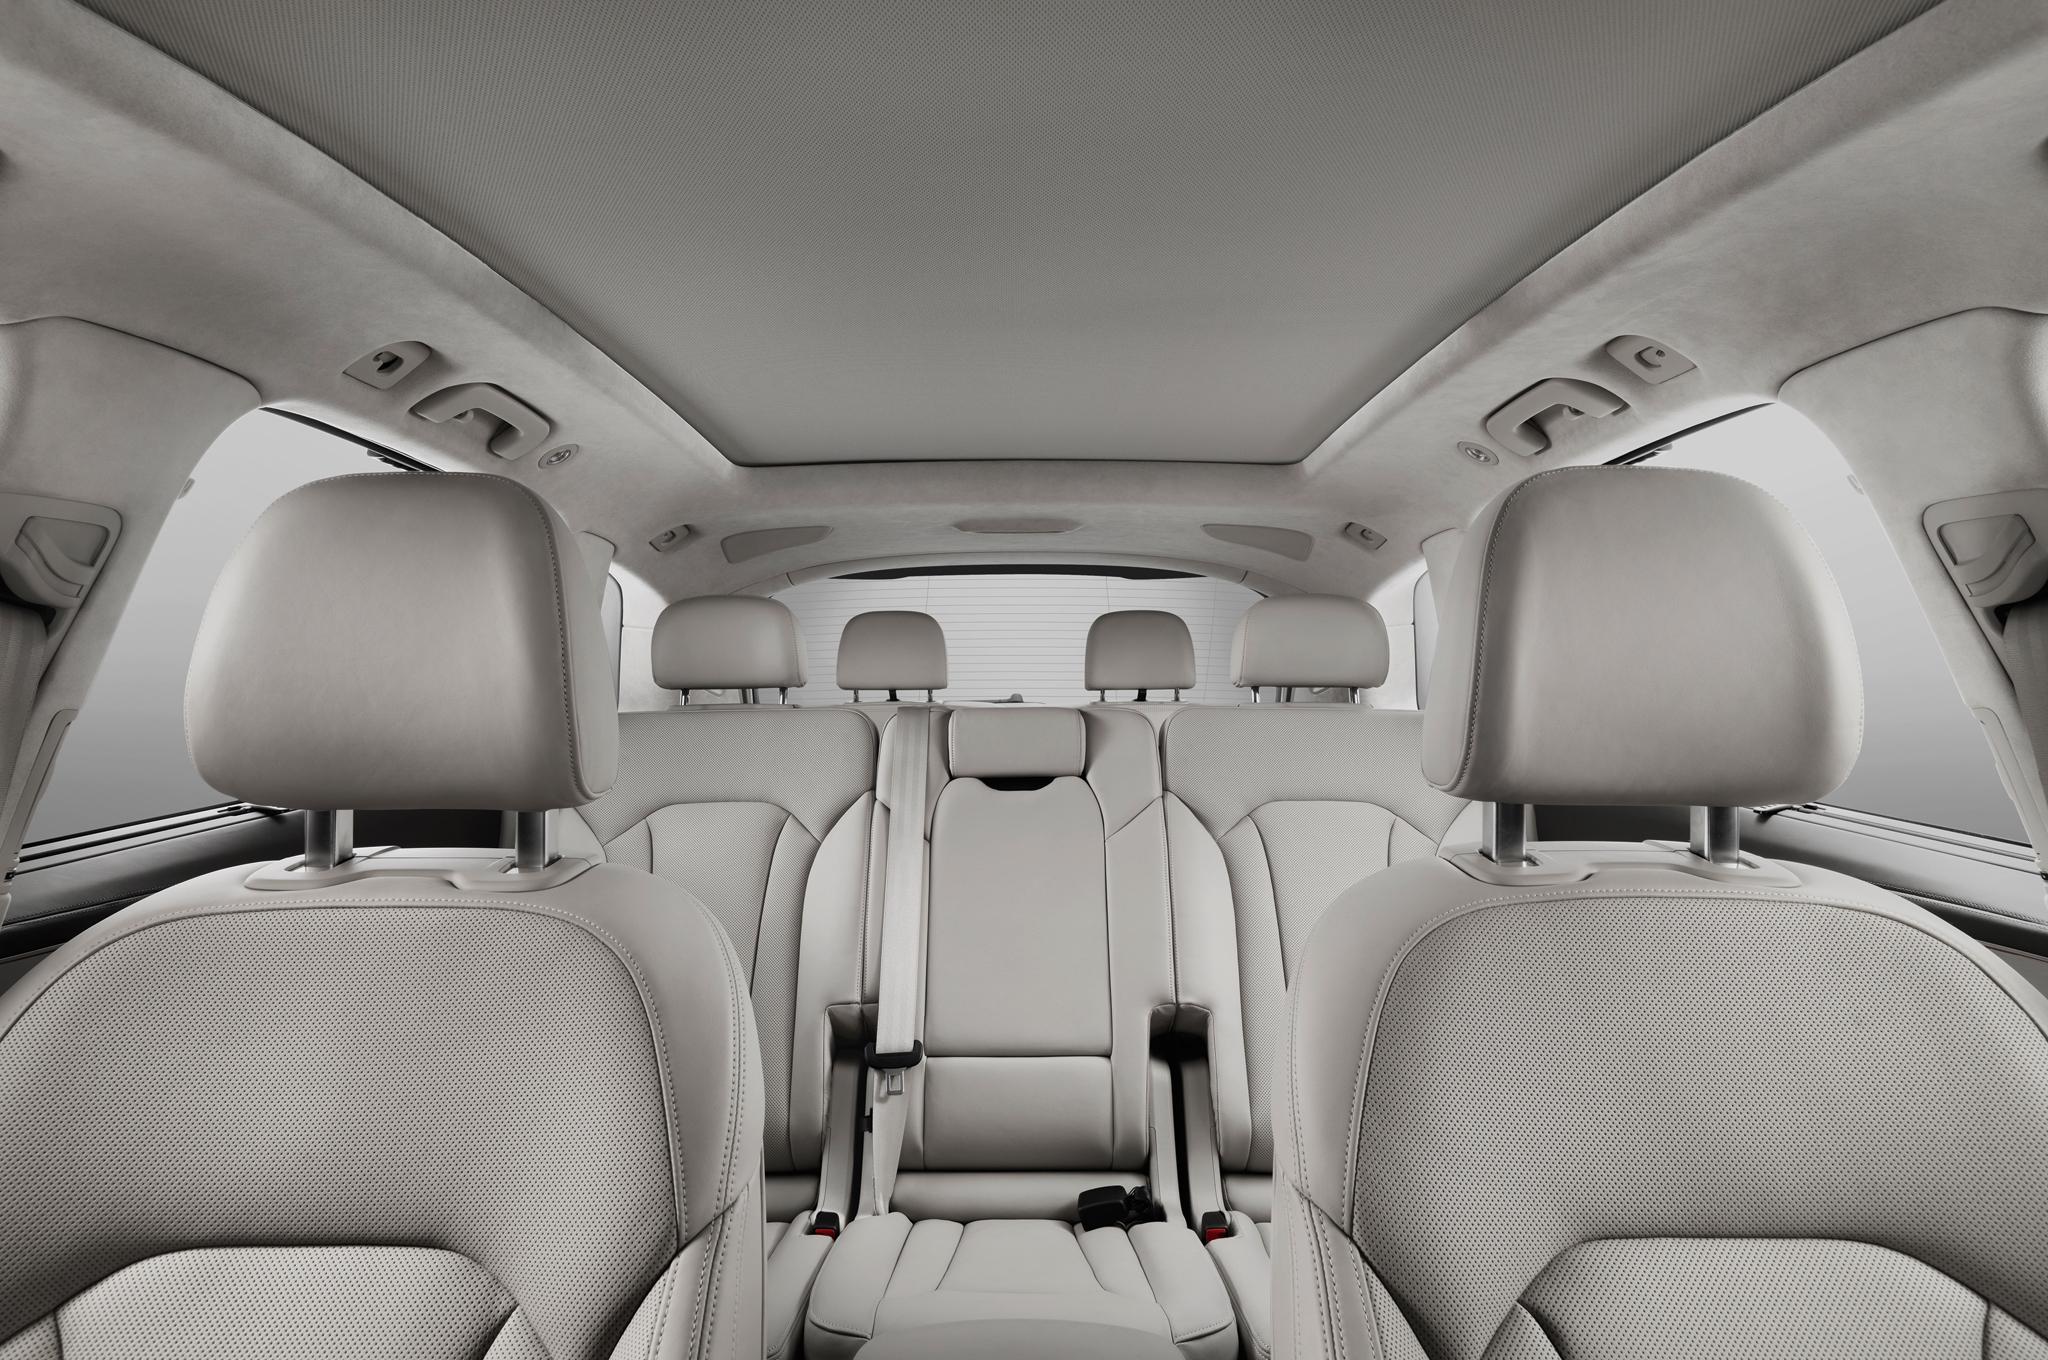 Camioneta Audi Q7 Interior